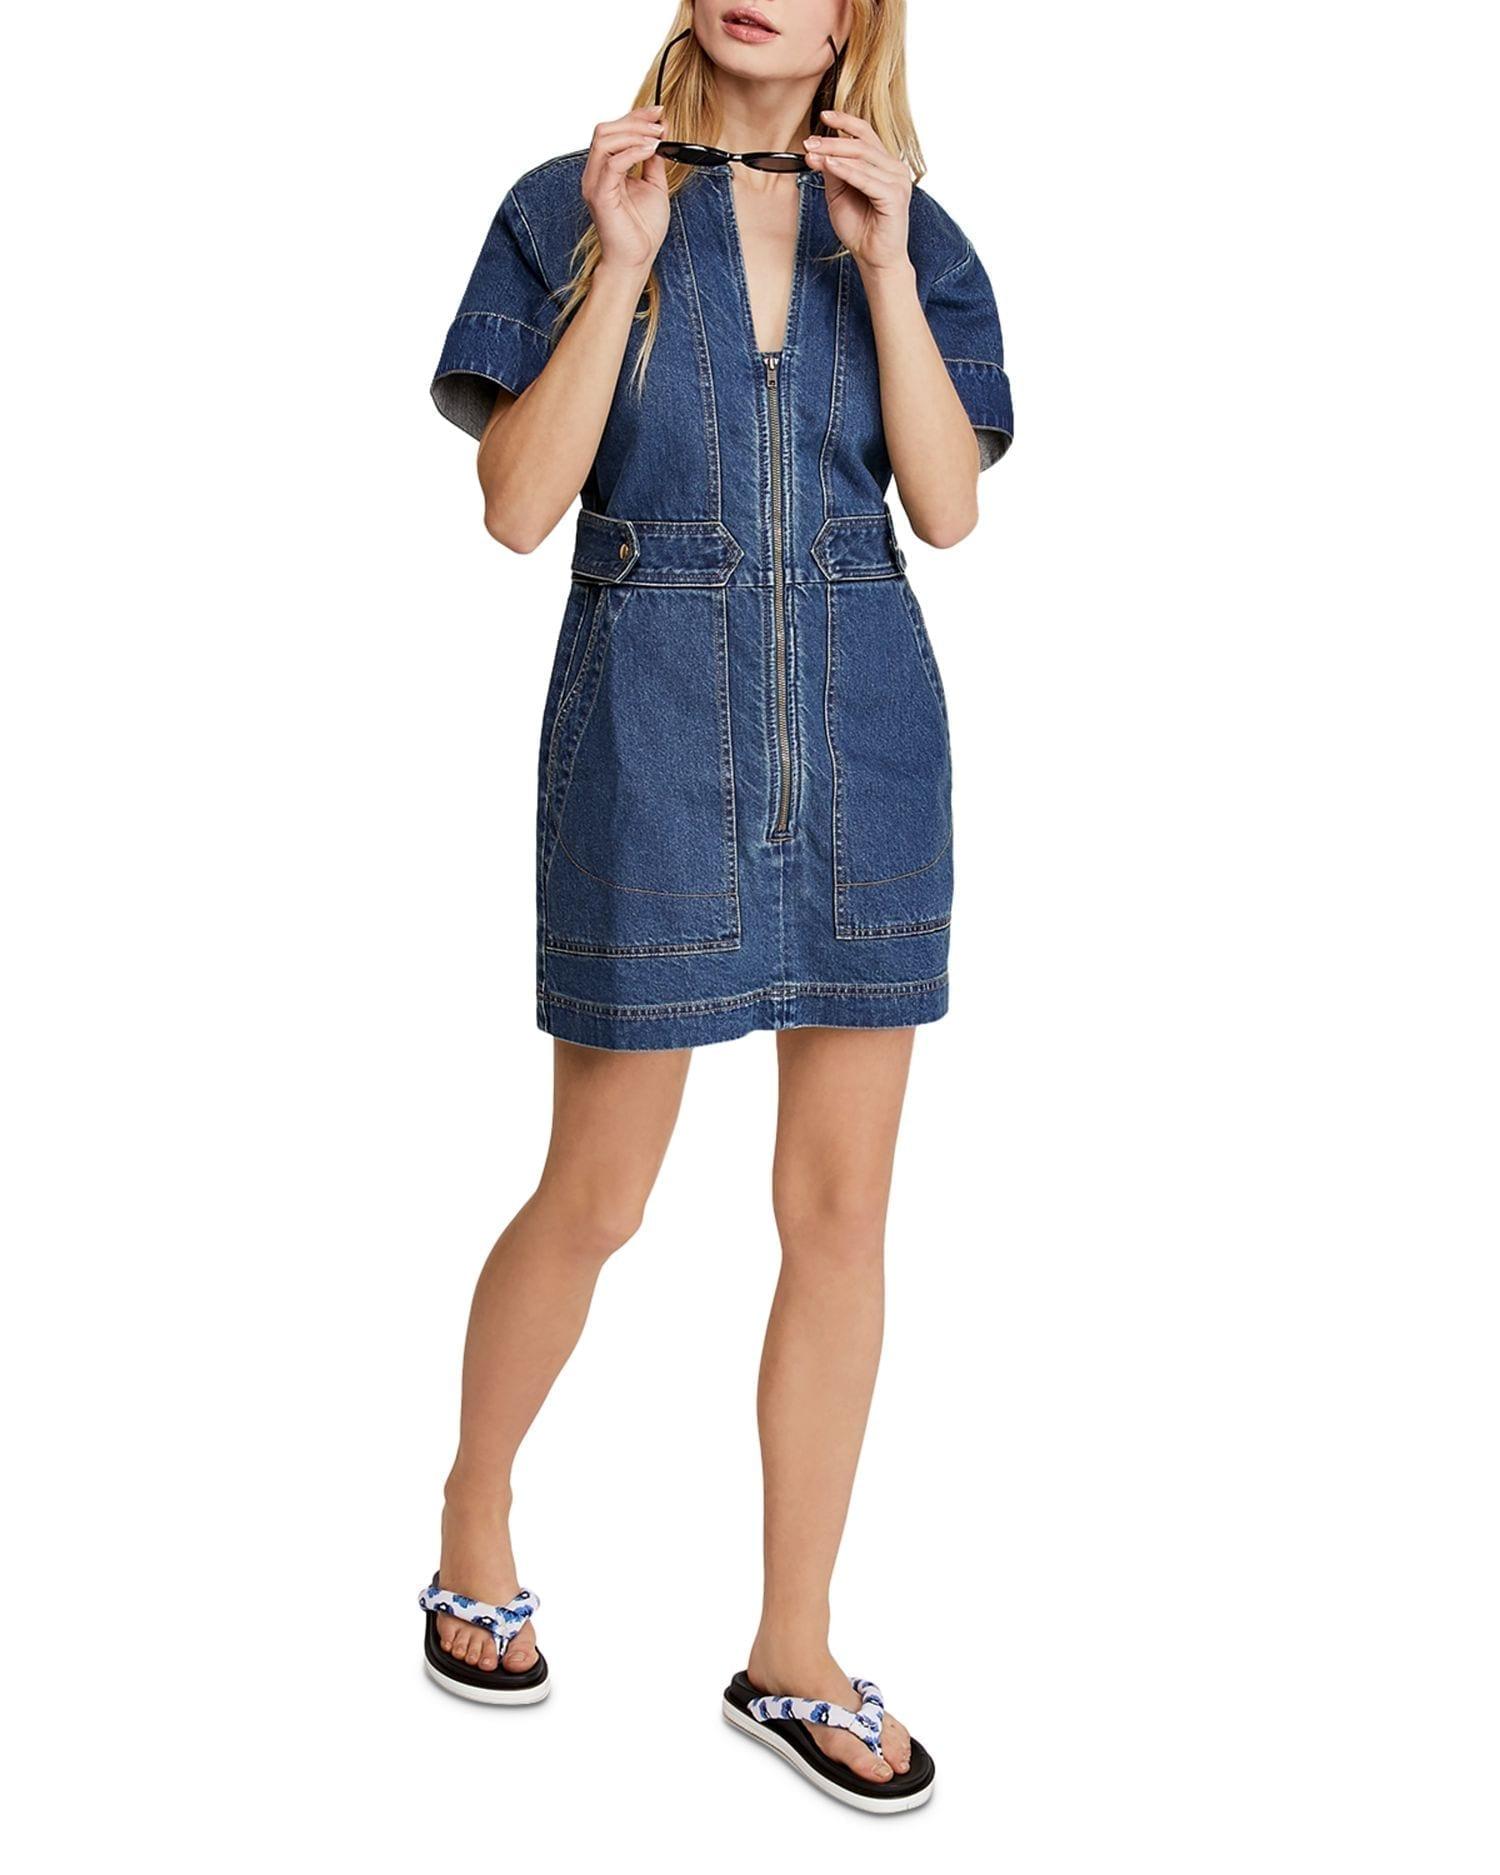 FREE PEOPLE Dream On Denim Mini Dress